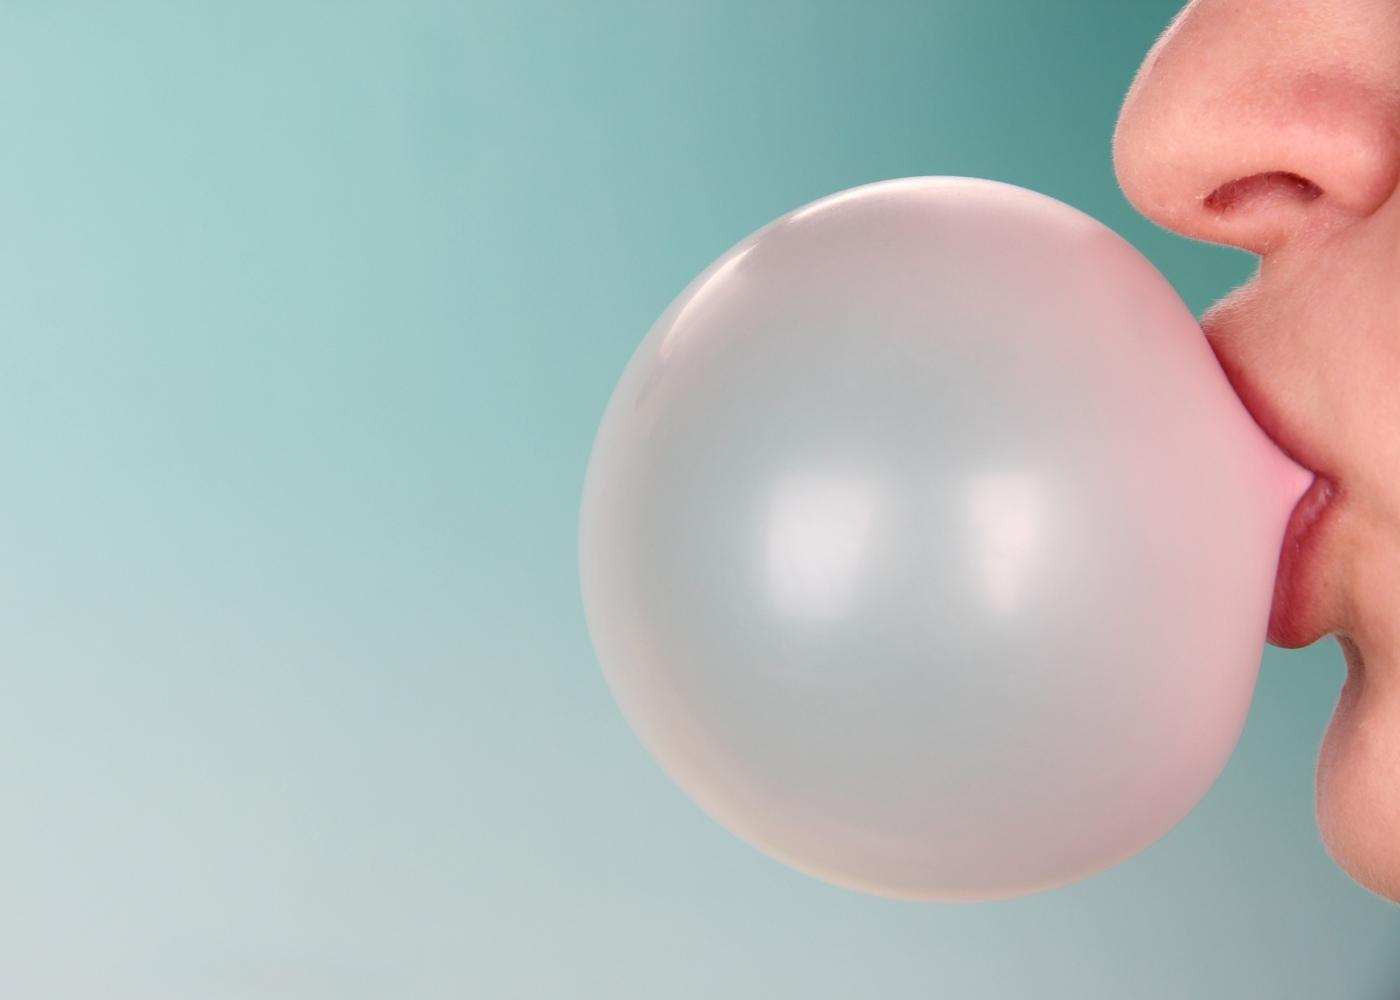 Mulher a fazer uma bola de pastilha elástica